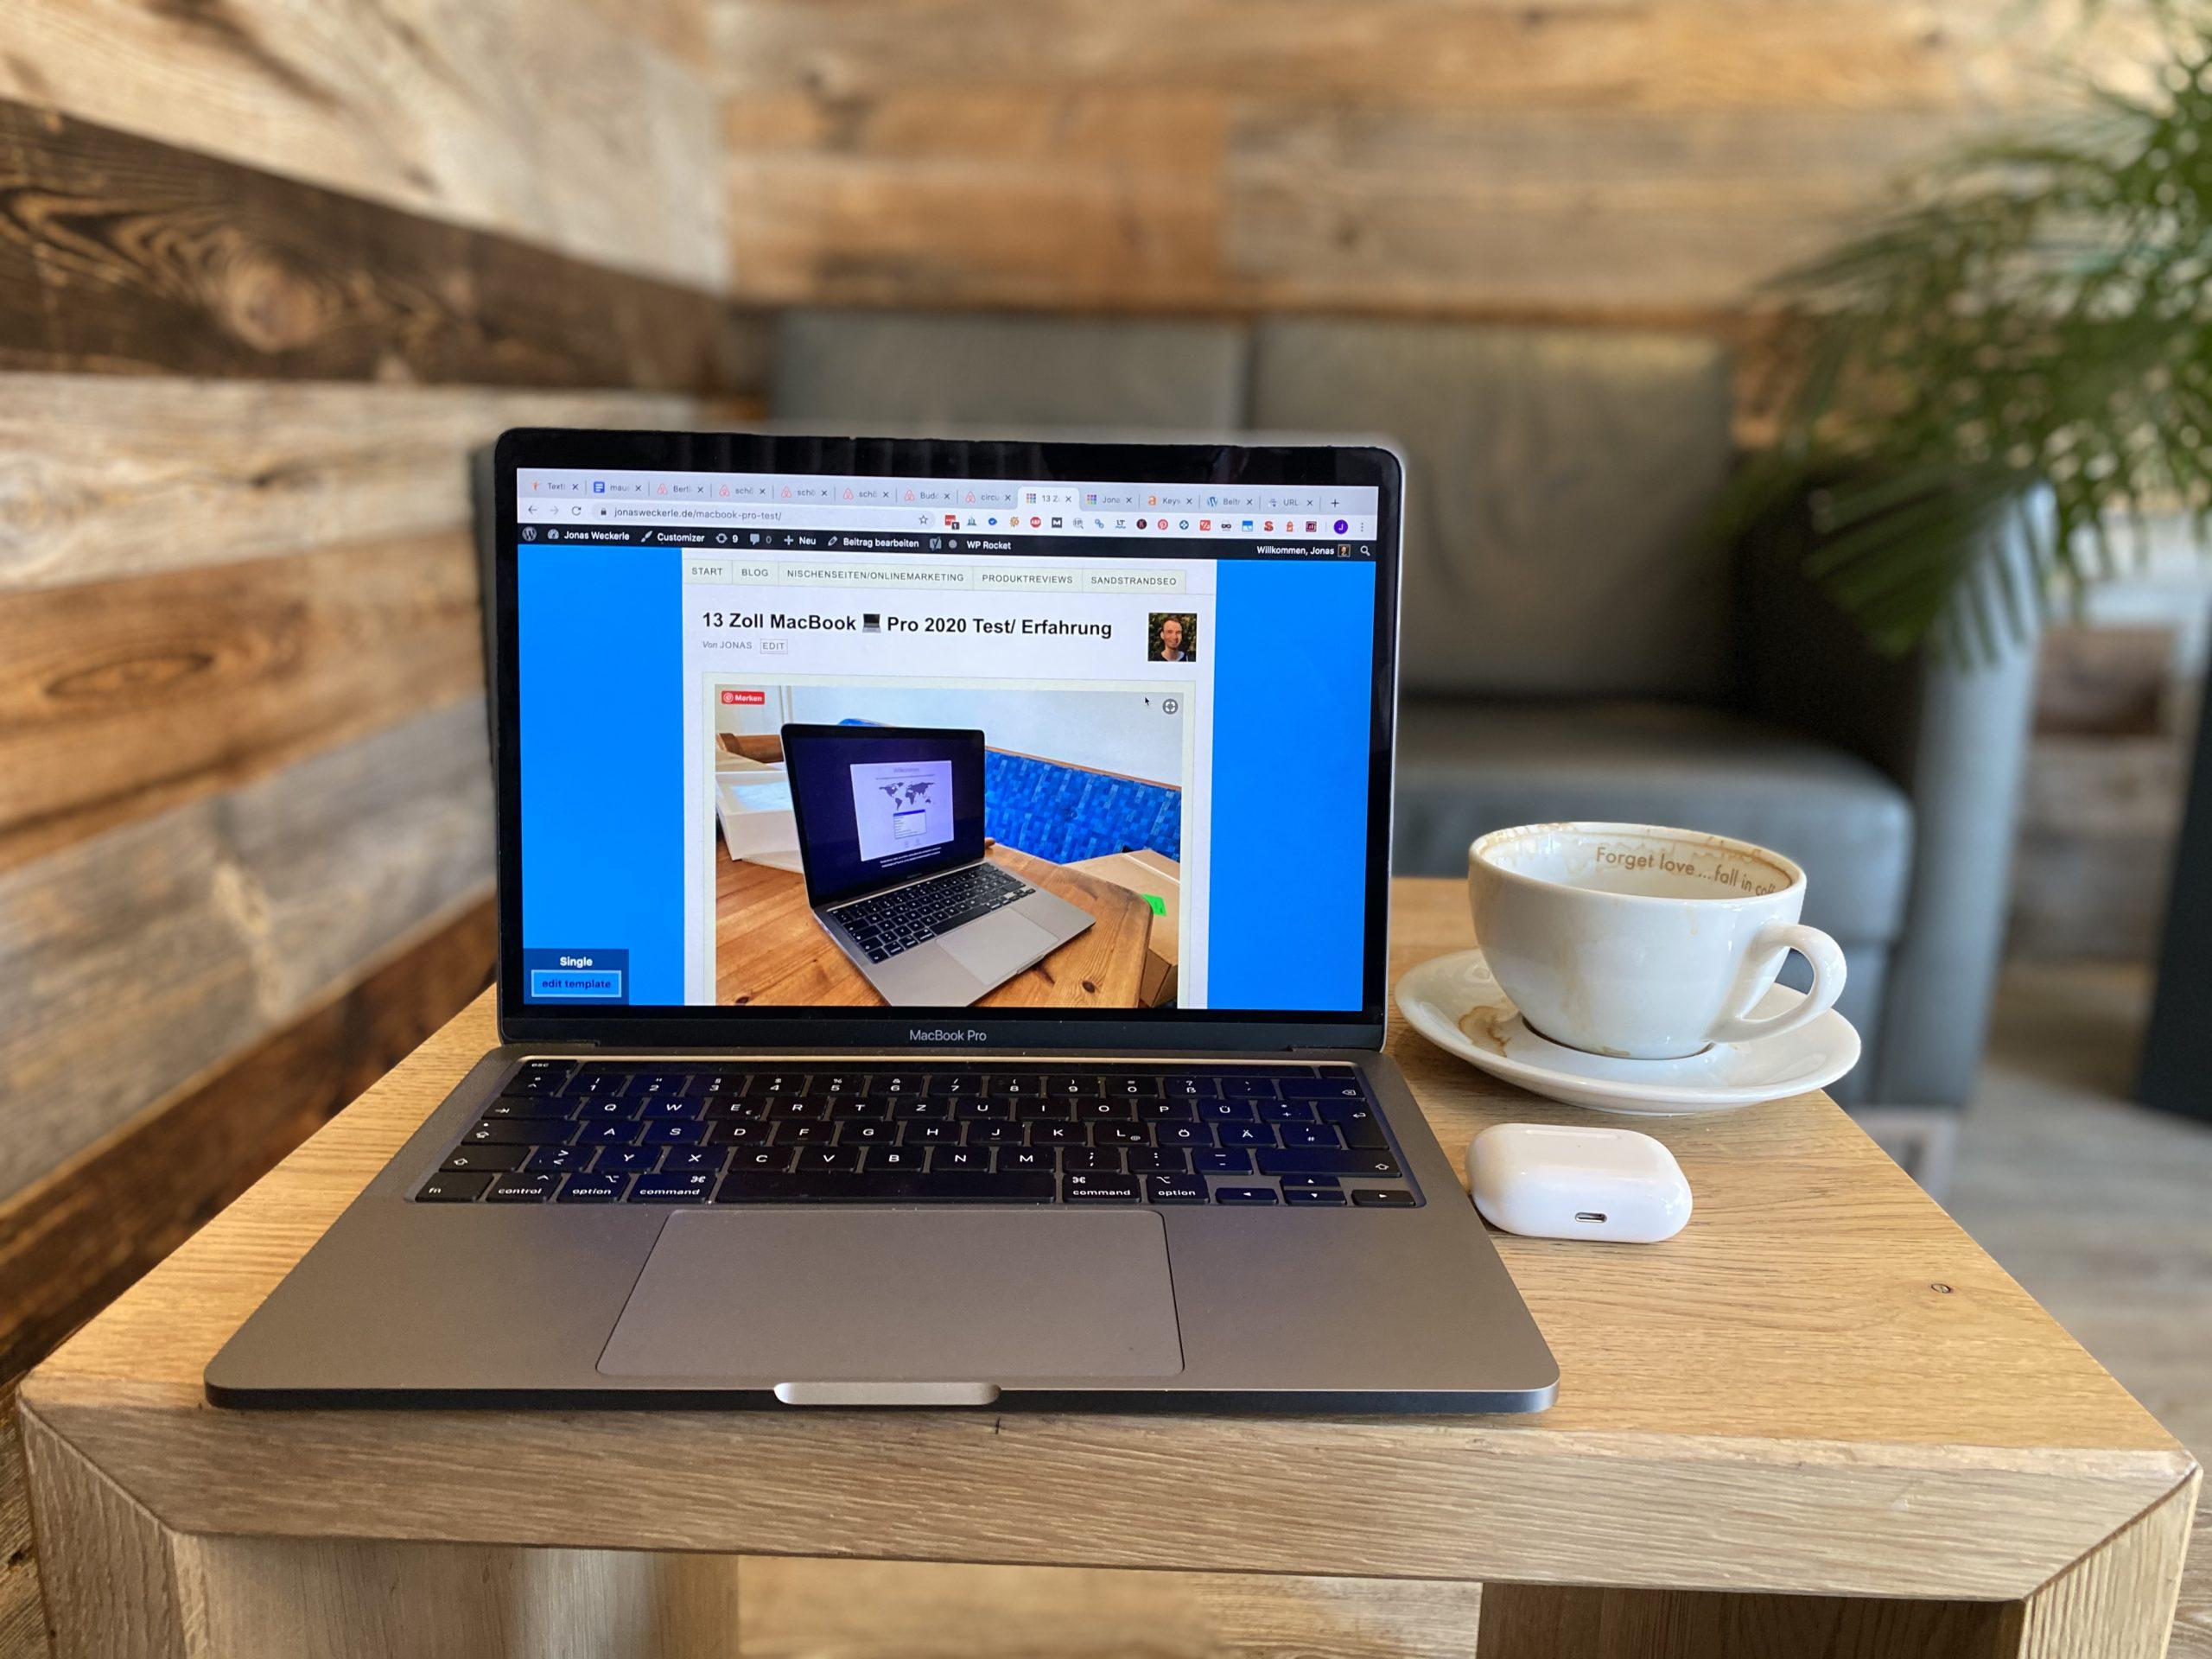 2020er 13-Zoll MacBook Pro Test/ Erfahrung